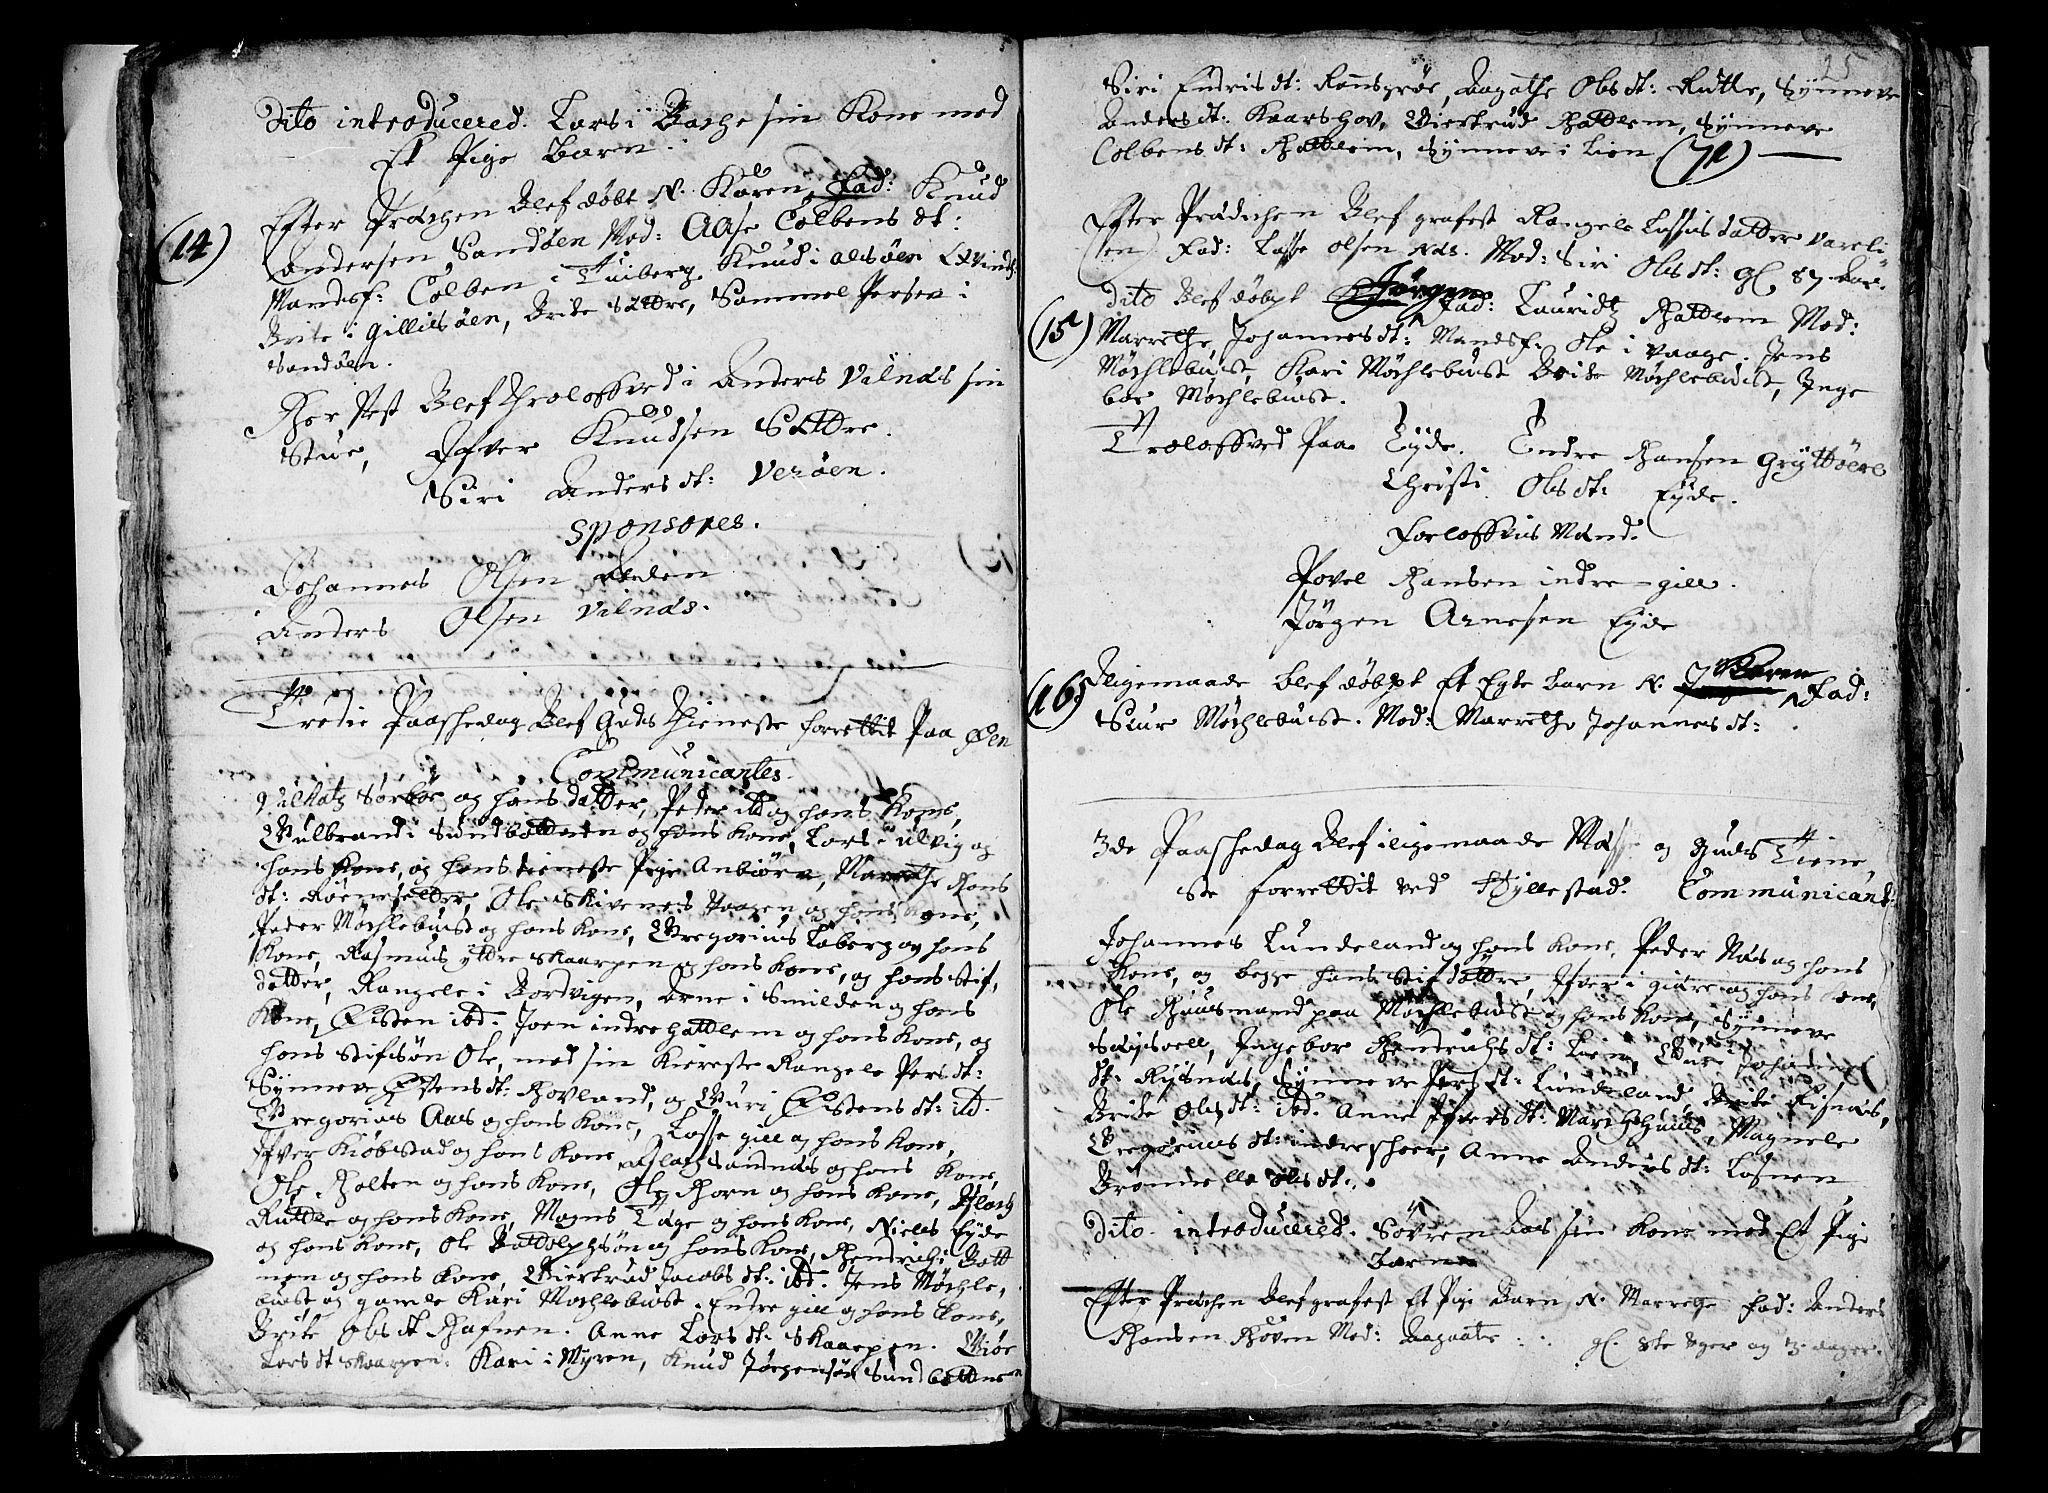 SAB, Askvoll Sokneprestembete, Ministerialbok nr. A 1, 1706-1711, s. 25